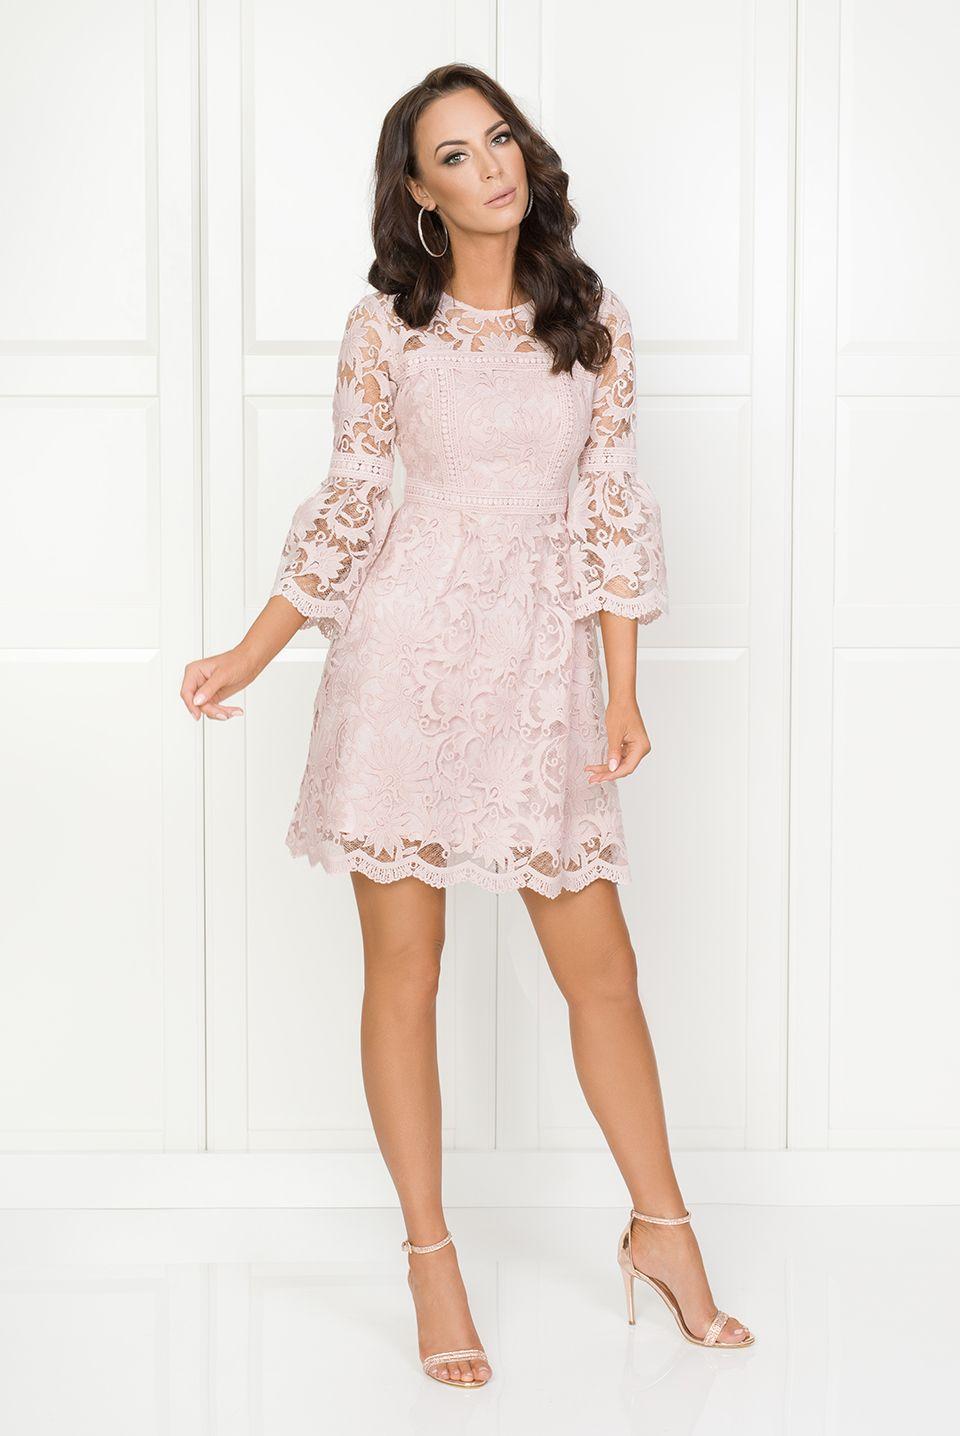 93d717f08c1b50 Illuminate.pl Madlen różowa - Rozkloszowana gipiurowa sukienka z rękawem  7/8. Sukienka